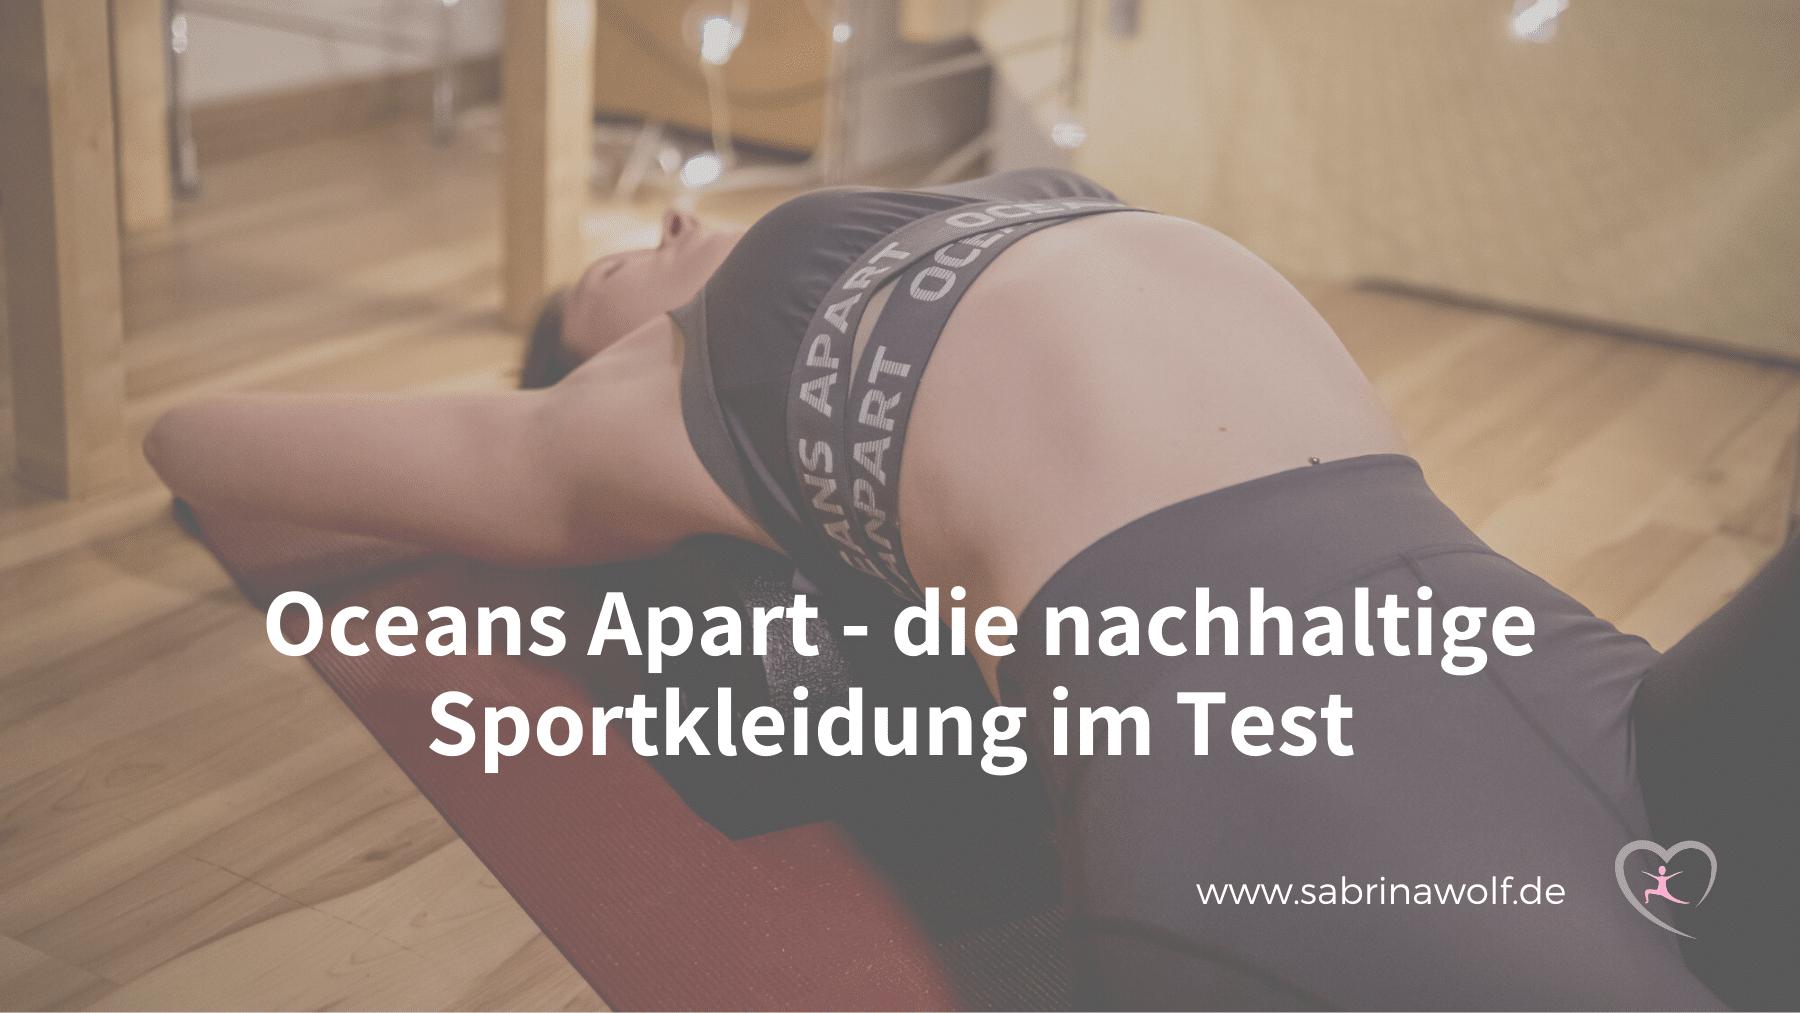 Oceans Apart - die nachhaltige Sportkleidung im Test